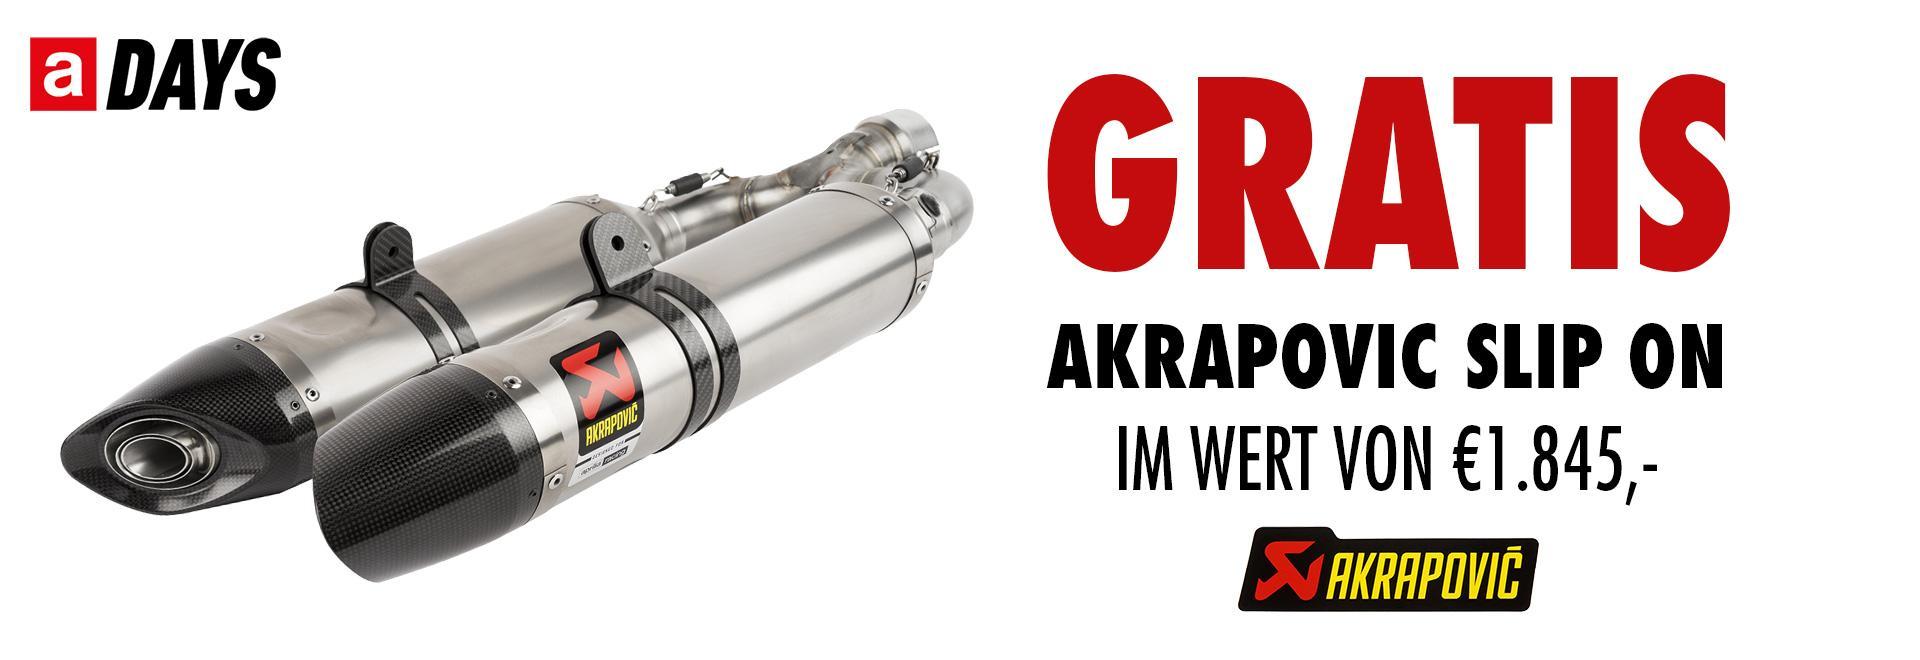 Shiver inkl. Akrapovic Slip on € 1.845.-